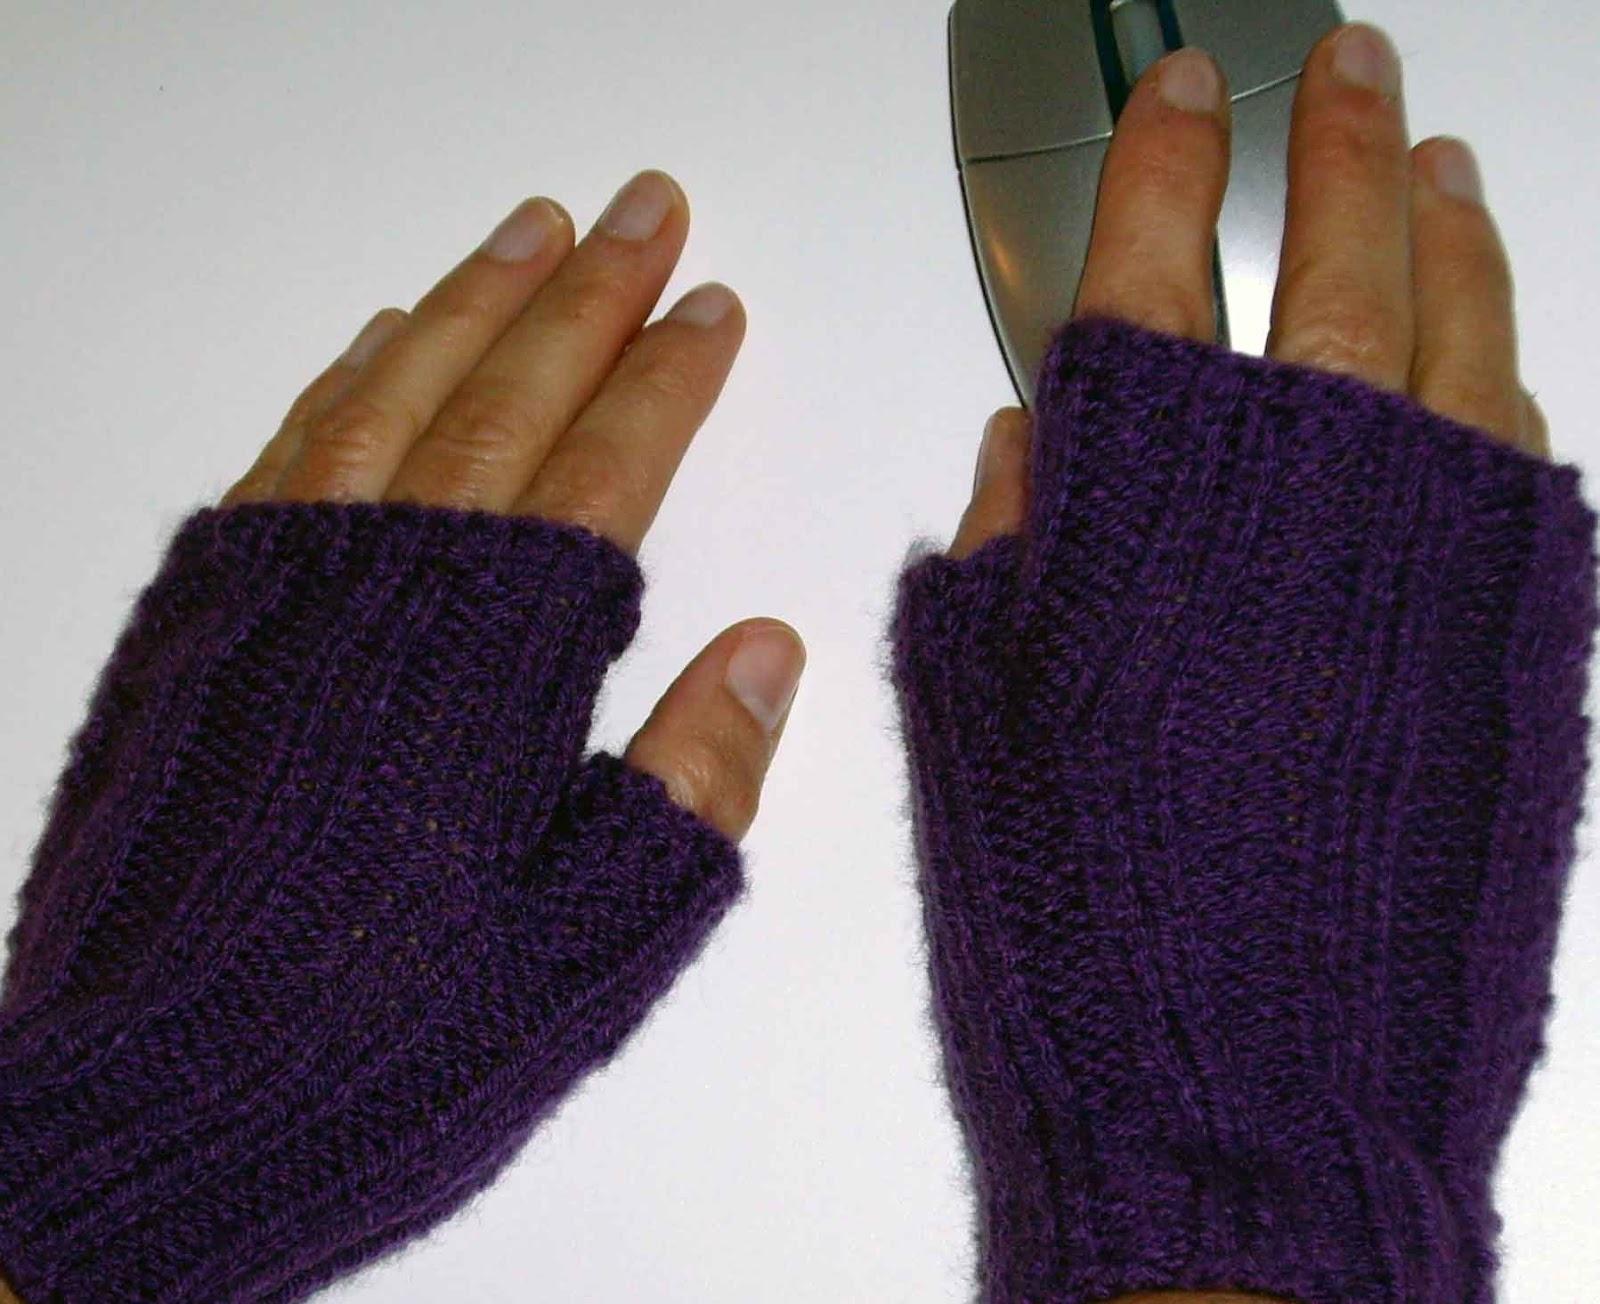 Mavivi tejiendo: 11/01/2011 - 12/01/2011